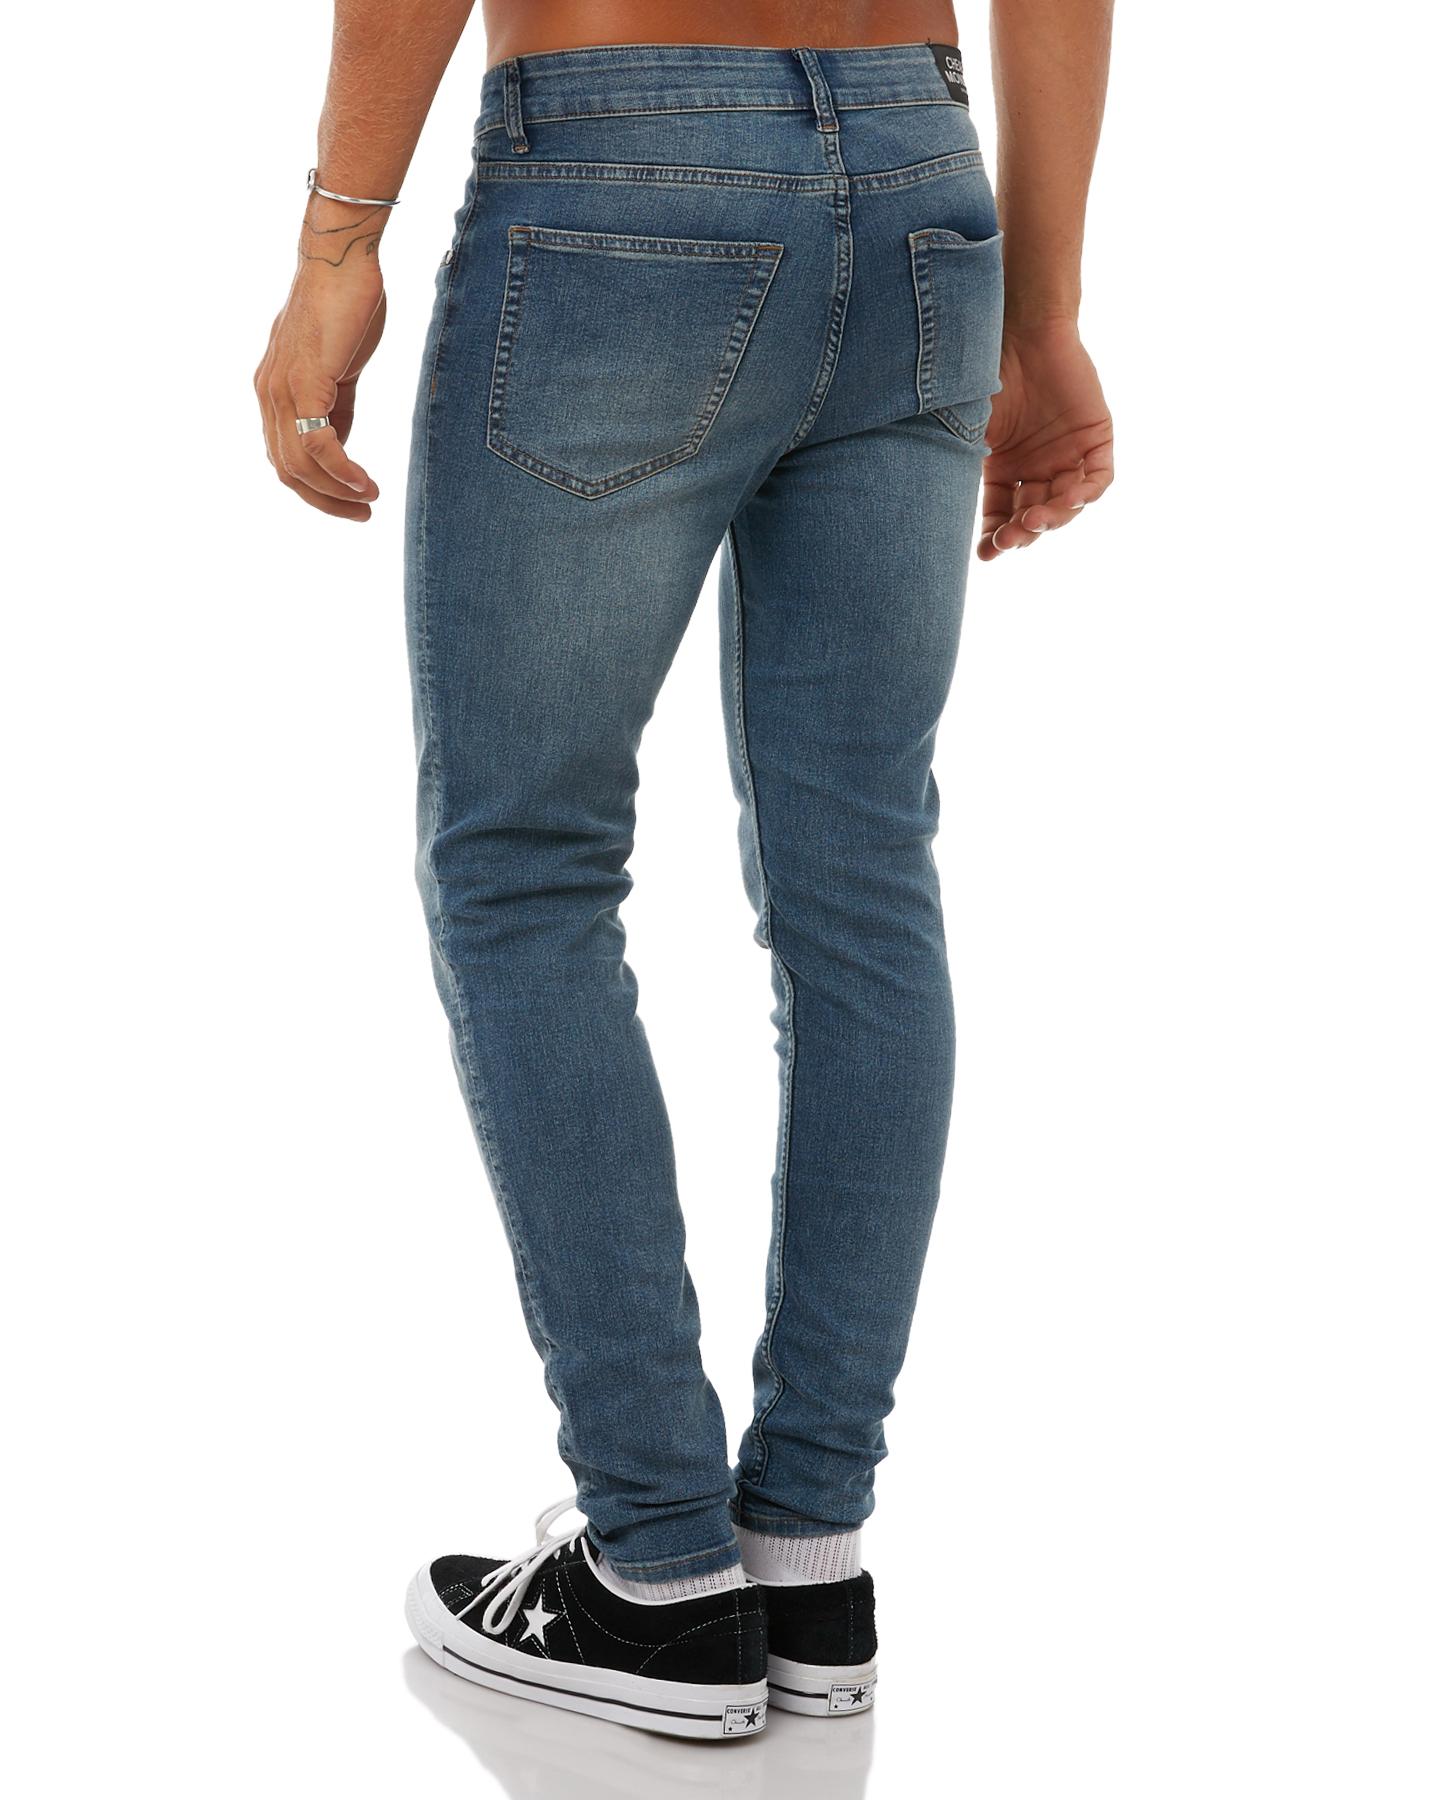 Grosir Distributor Celana Jeans Lois 04 Harga Murah Bagus Berkualitas